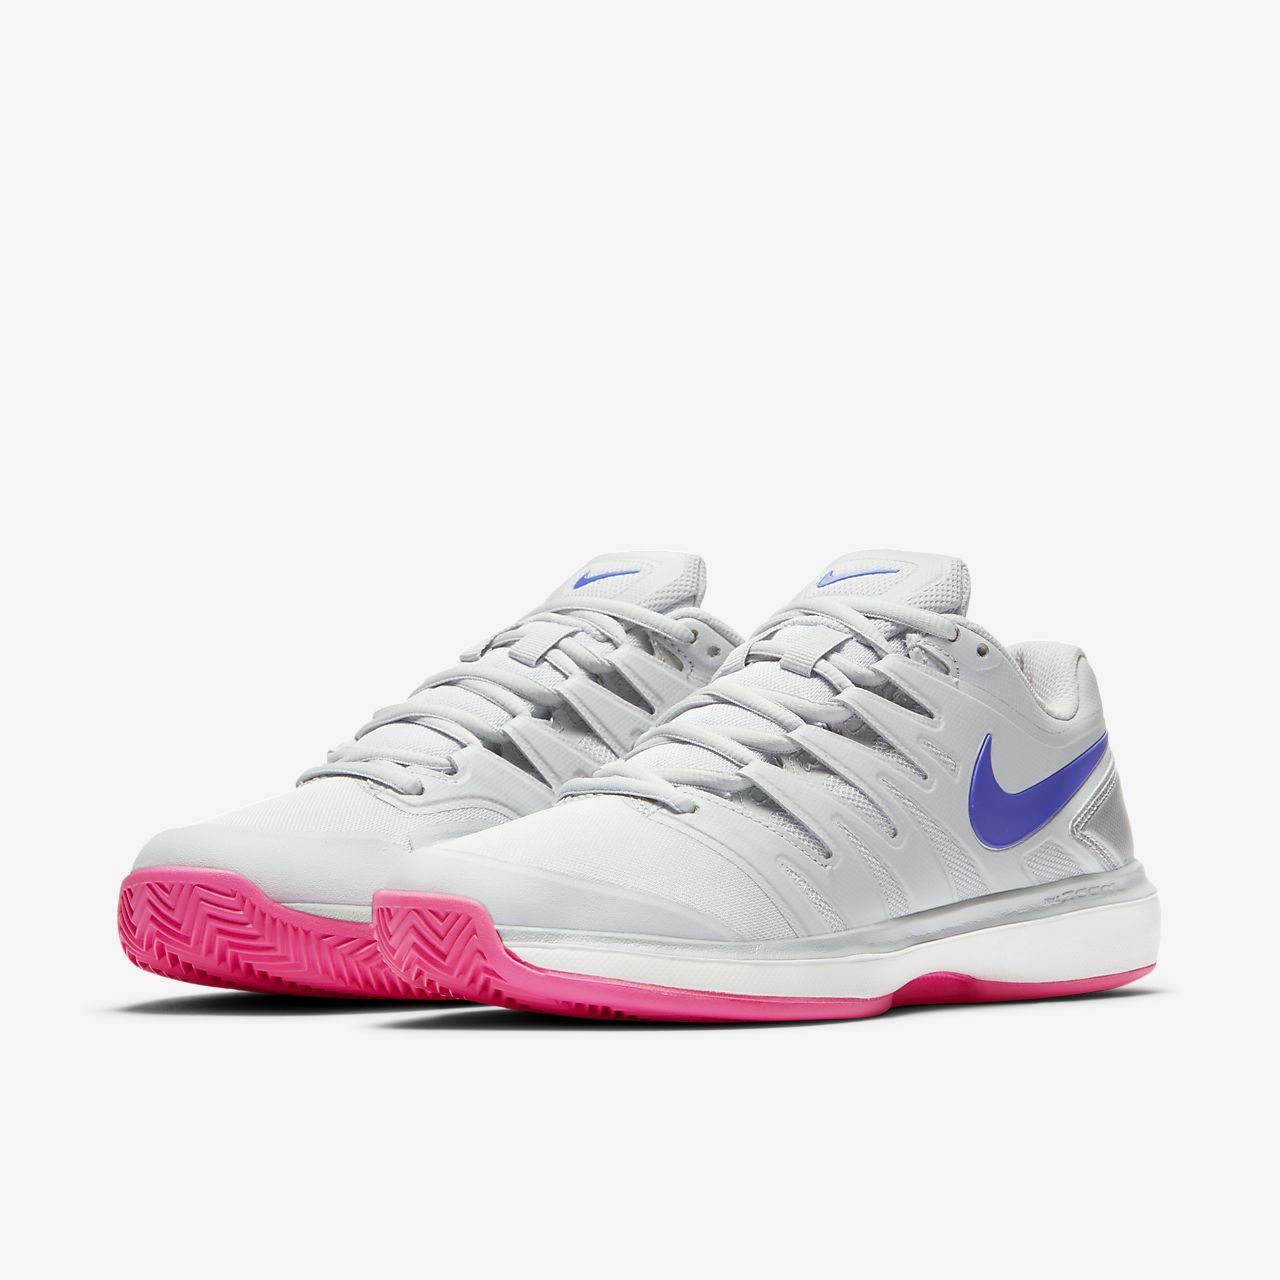 Pour Nikecourt Zoom Femme Prestige Chaussure Tennis Air Terre De Battue kilXwPuOZT